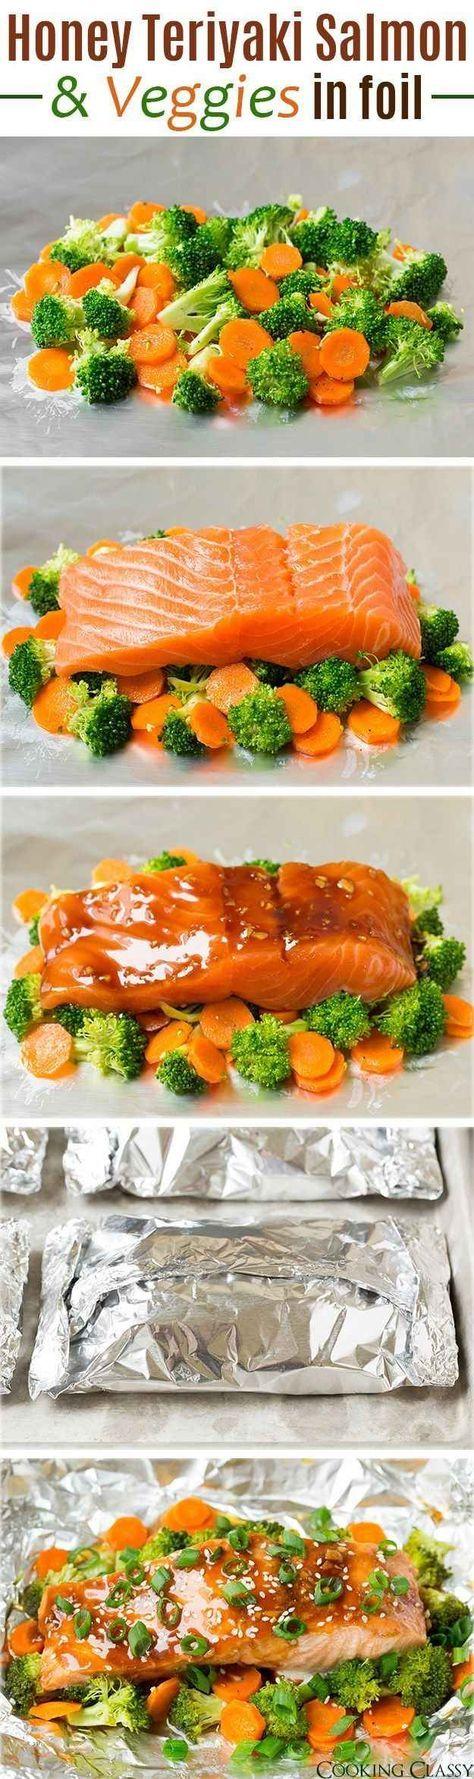 Salmón teriyaki con miel y vegetales